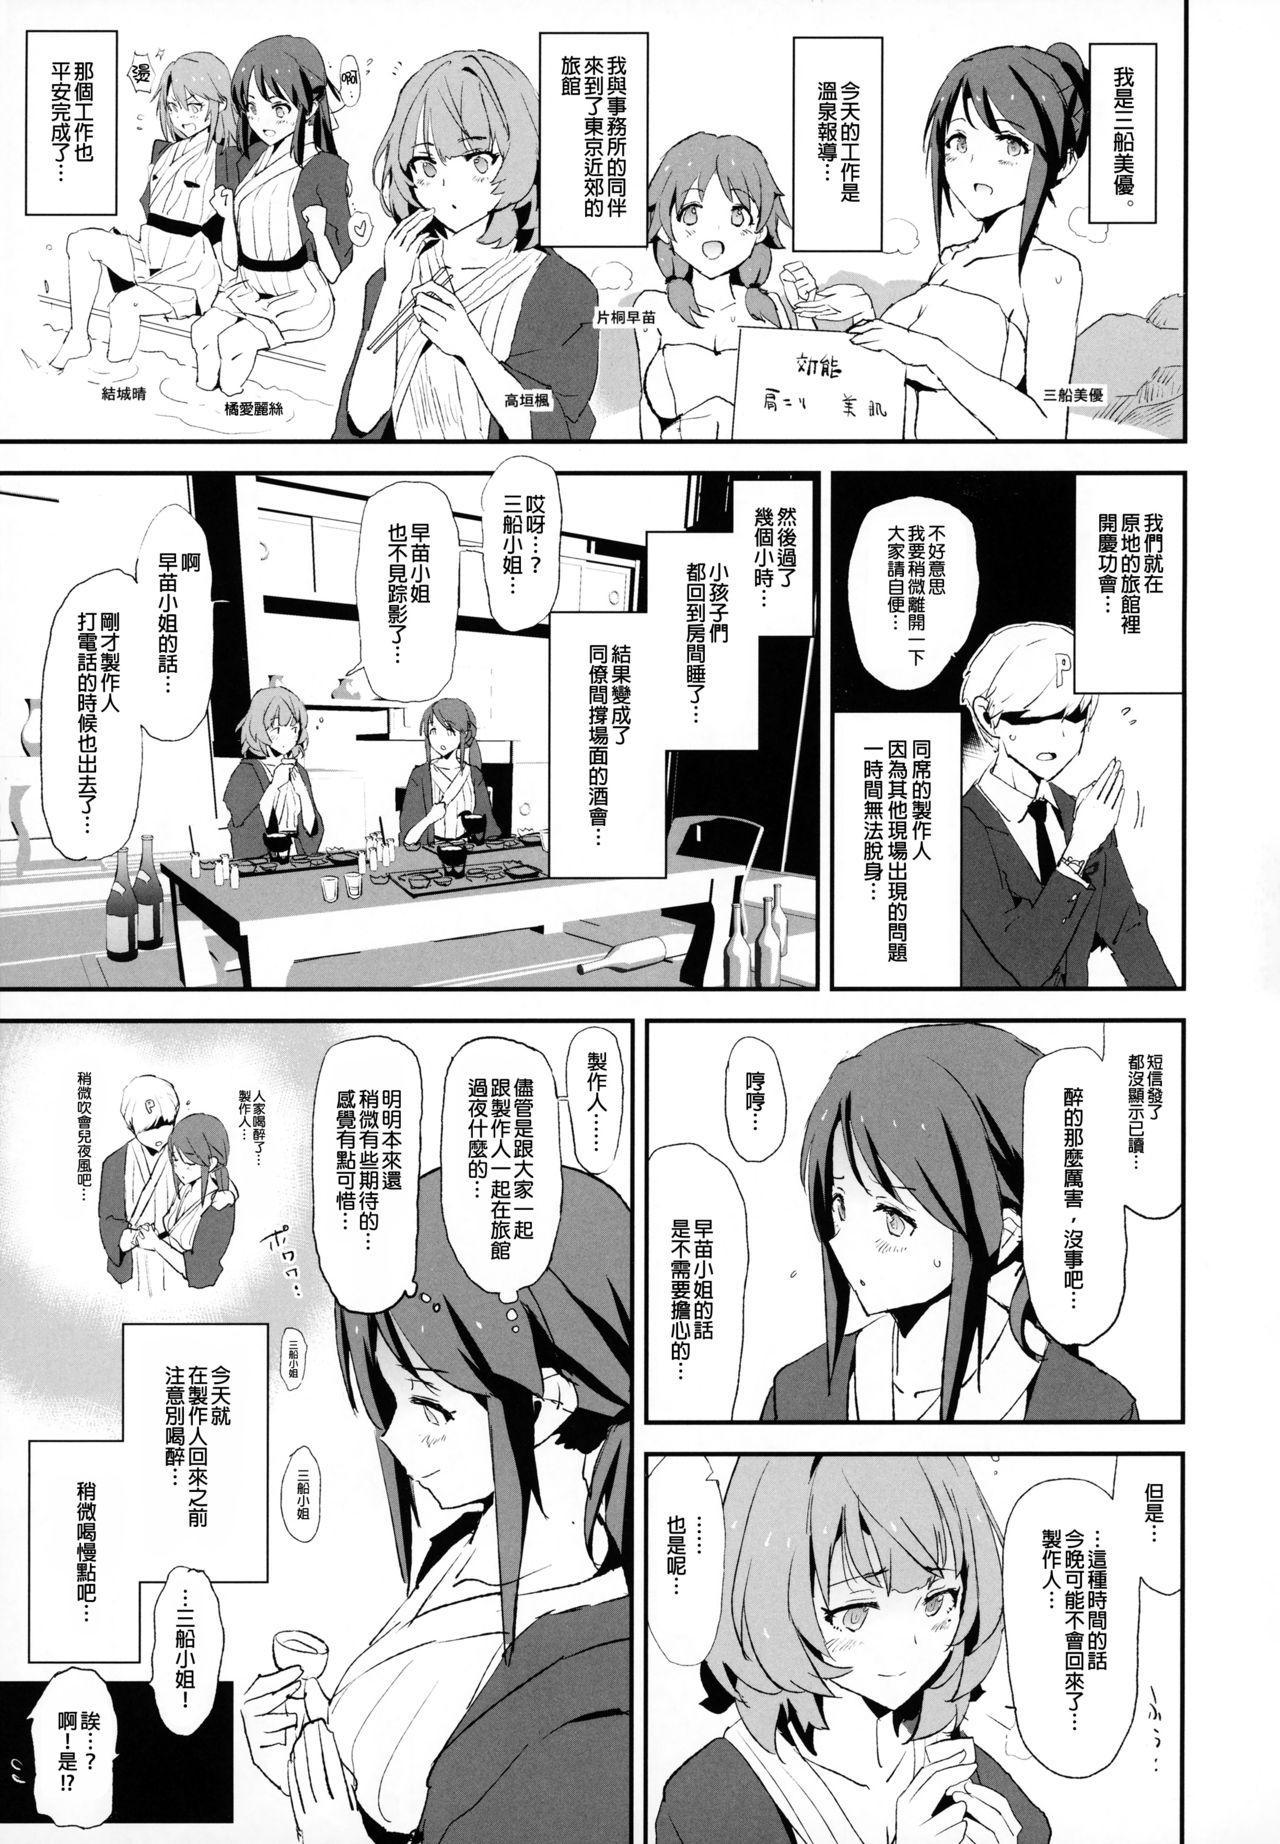 Mifune Miyu no Dosukebe Enkaigei + Omake Paper 2